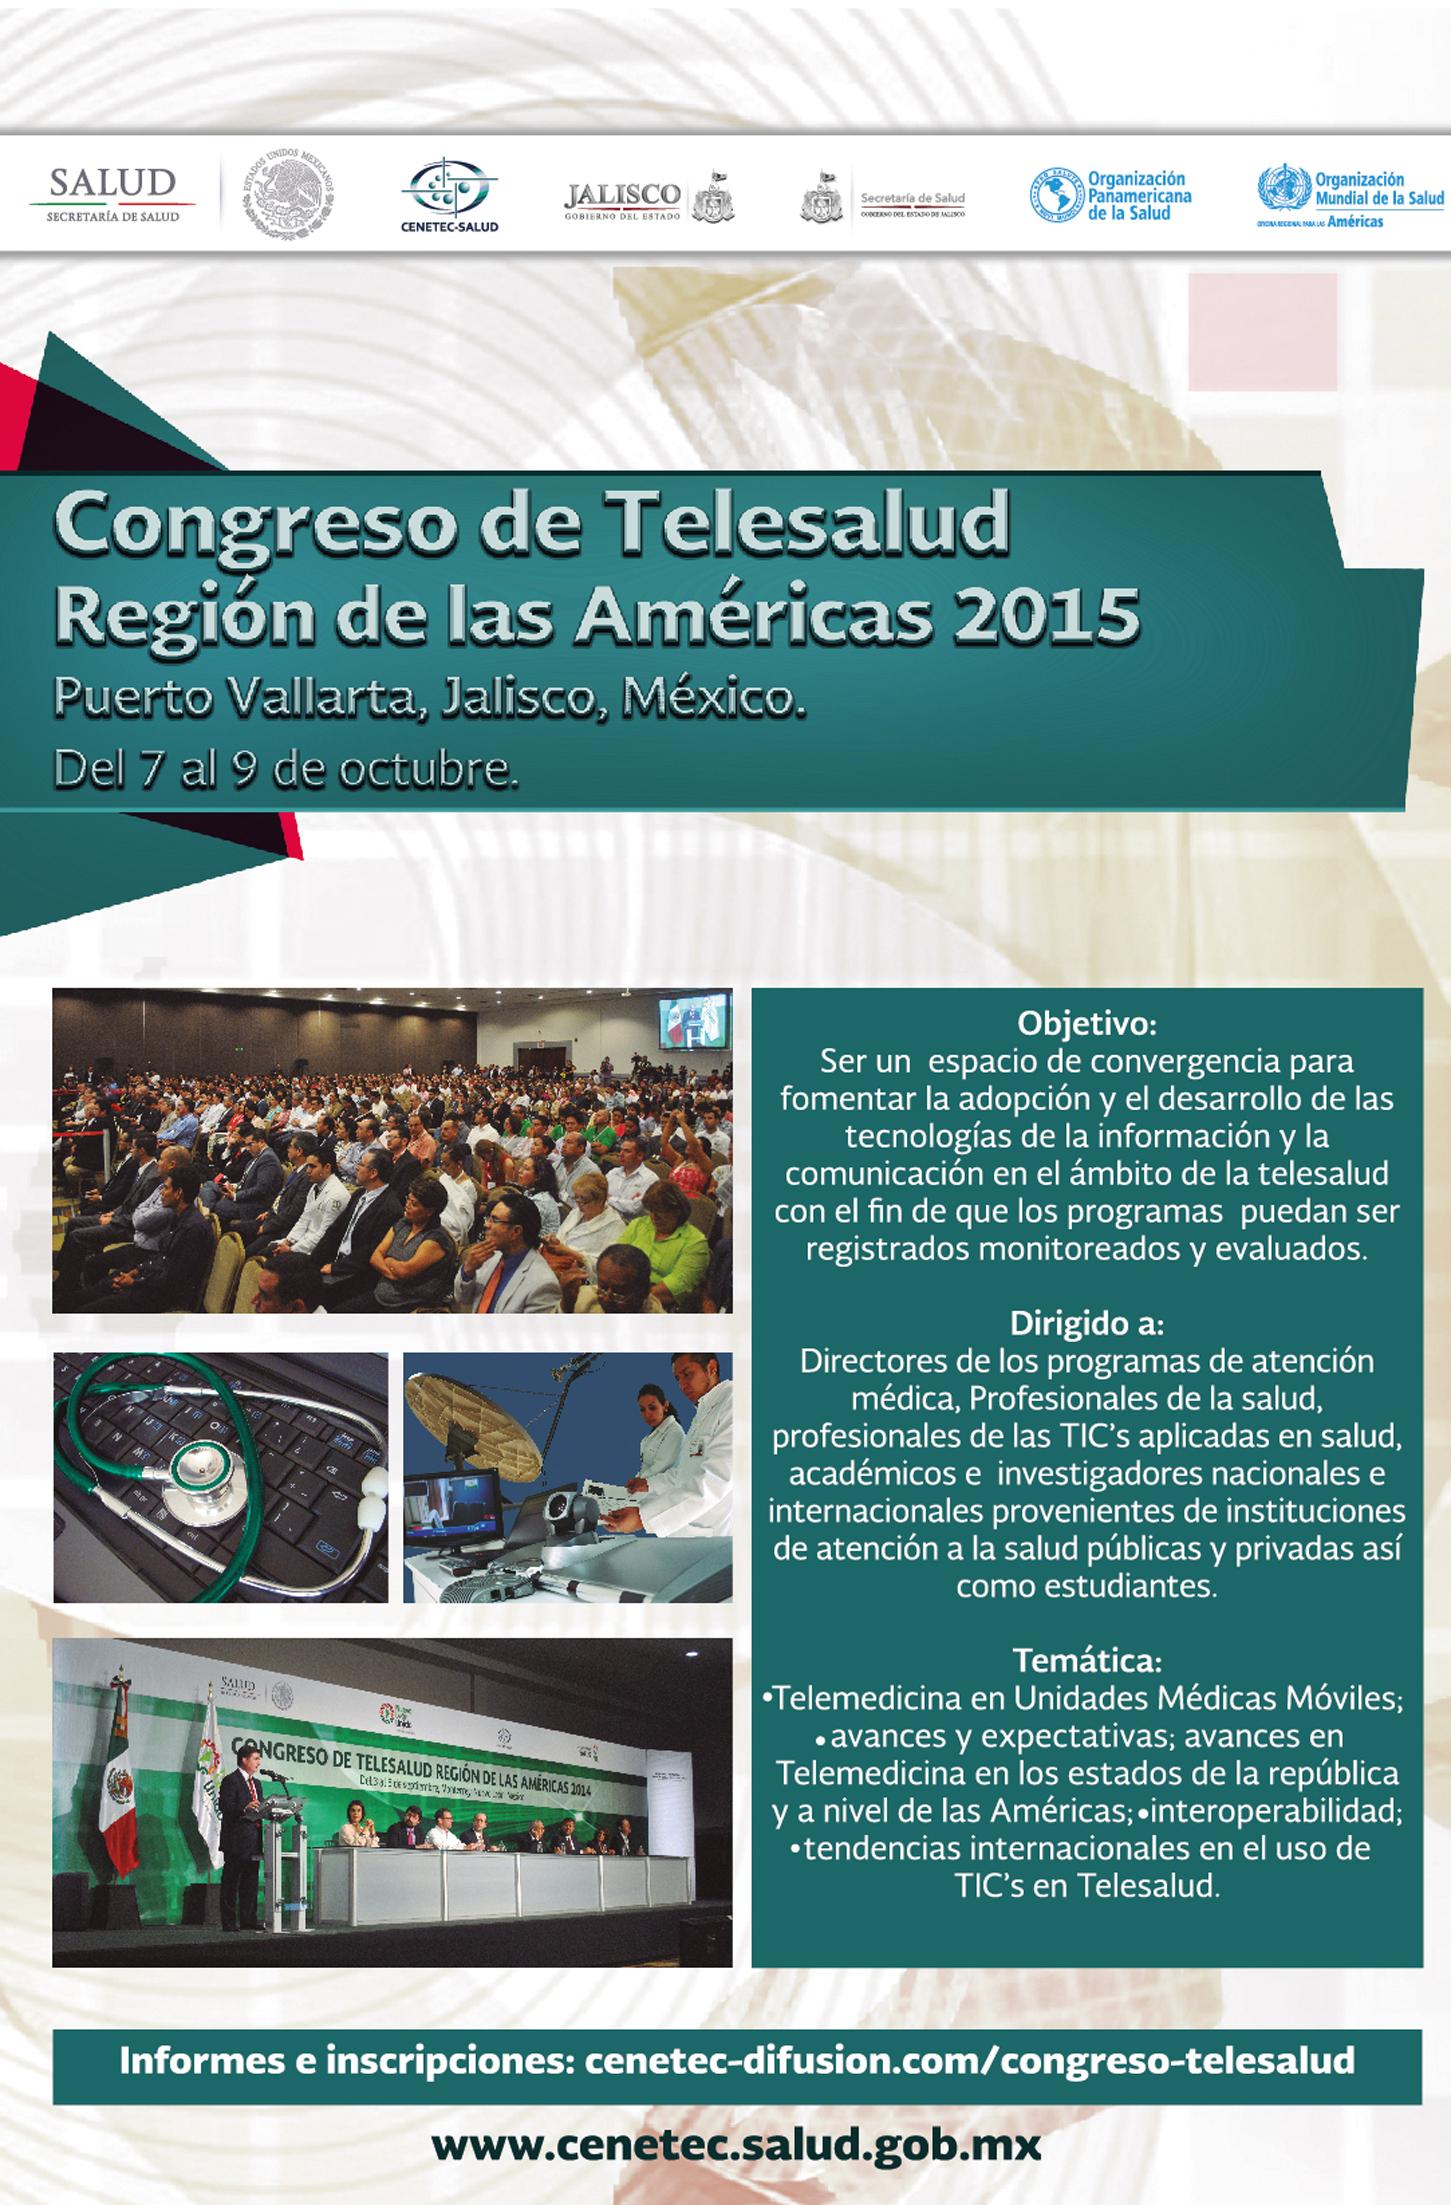 Congreso de Telesalud Región las Américas 2015 Puerto Vallarta, Jalisco  Del 7 al 9 de octubre